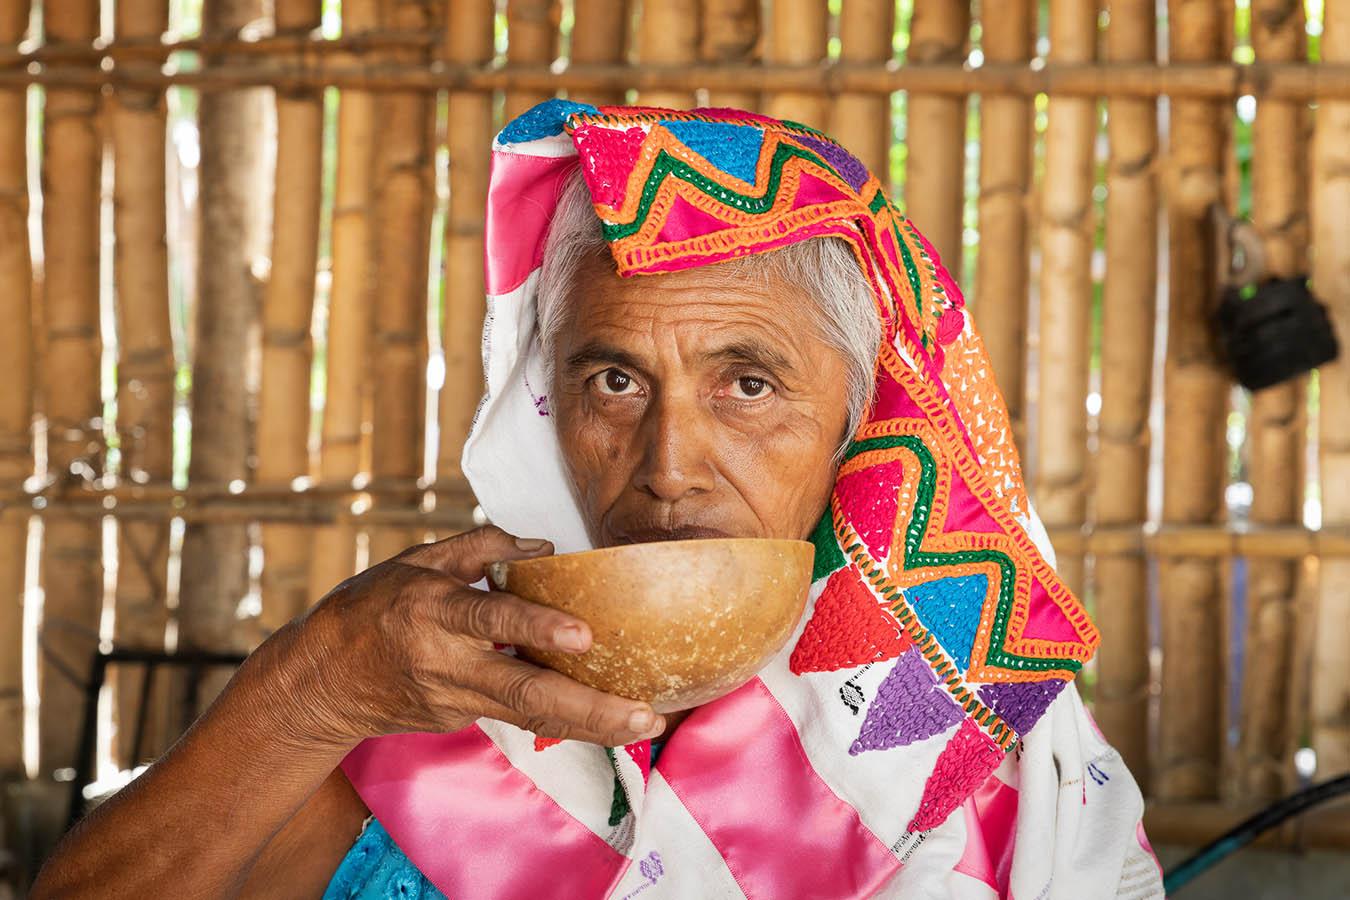 bebidas de oaxaca atole de maiz salvador cueva cocina tradicional bebidas tradicionales pozol